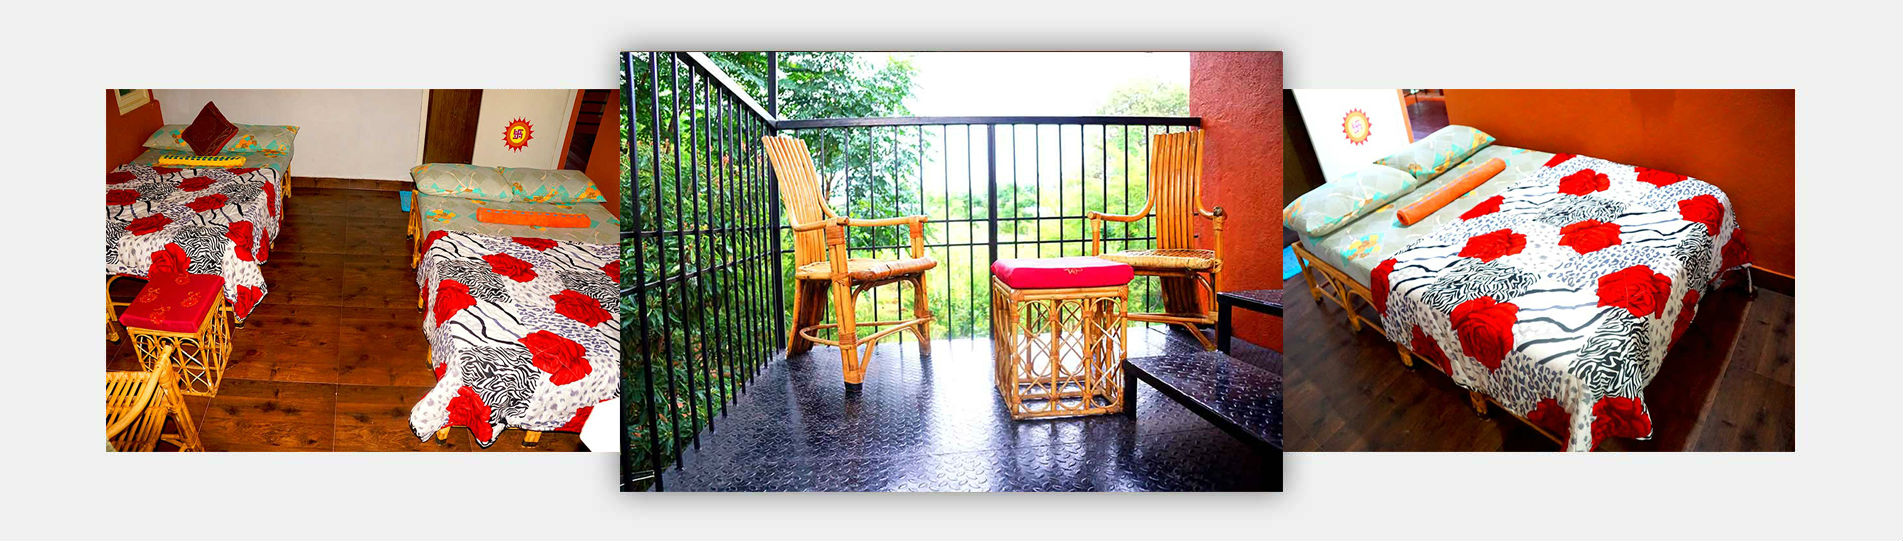 sunrise-room-chukkimane-near-bangalore